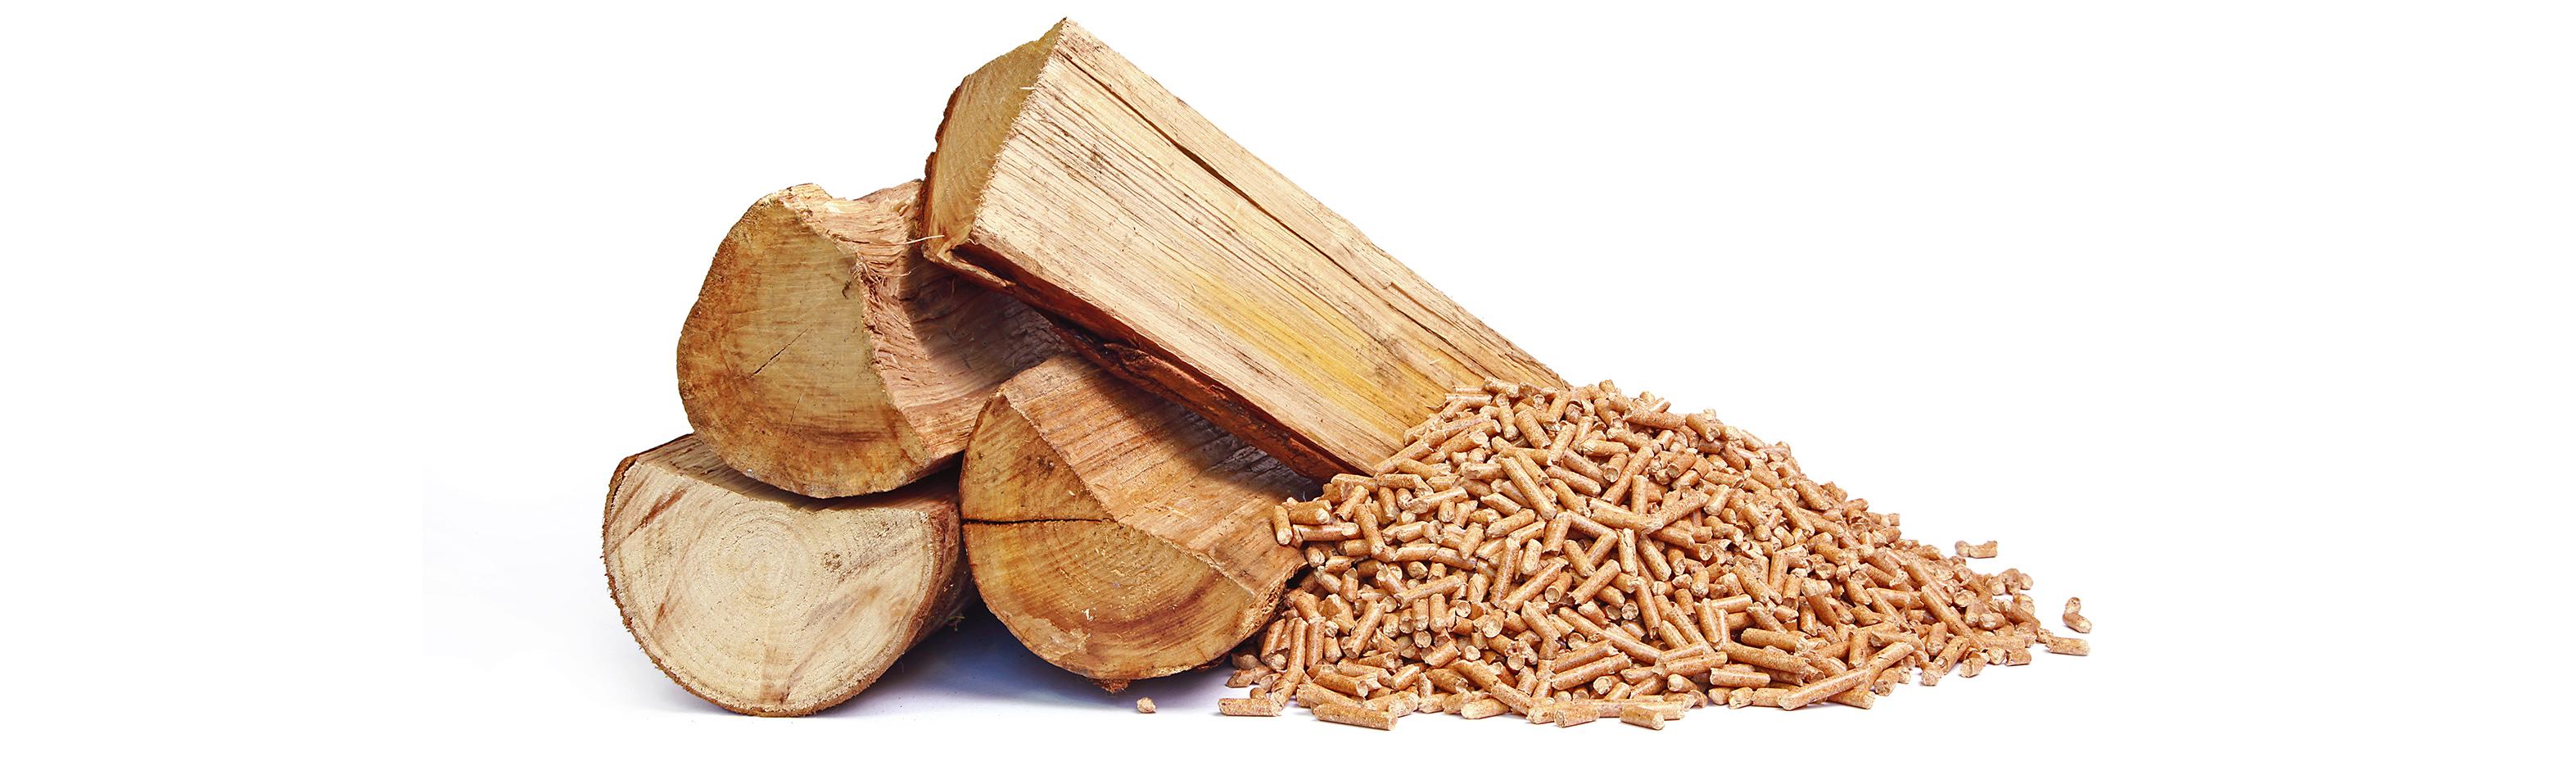 Choisir Poele A Bois Ou Pellet le poêle hybride qui mixe bois bûches et granulés